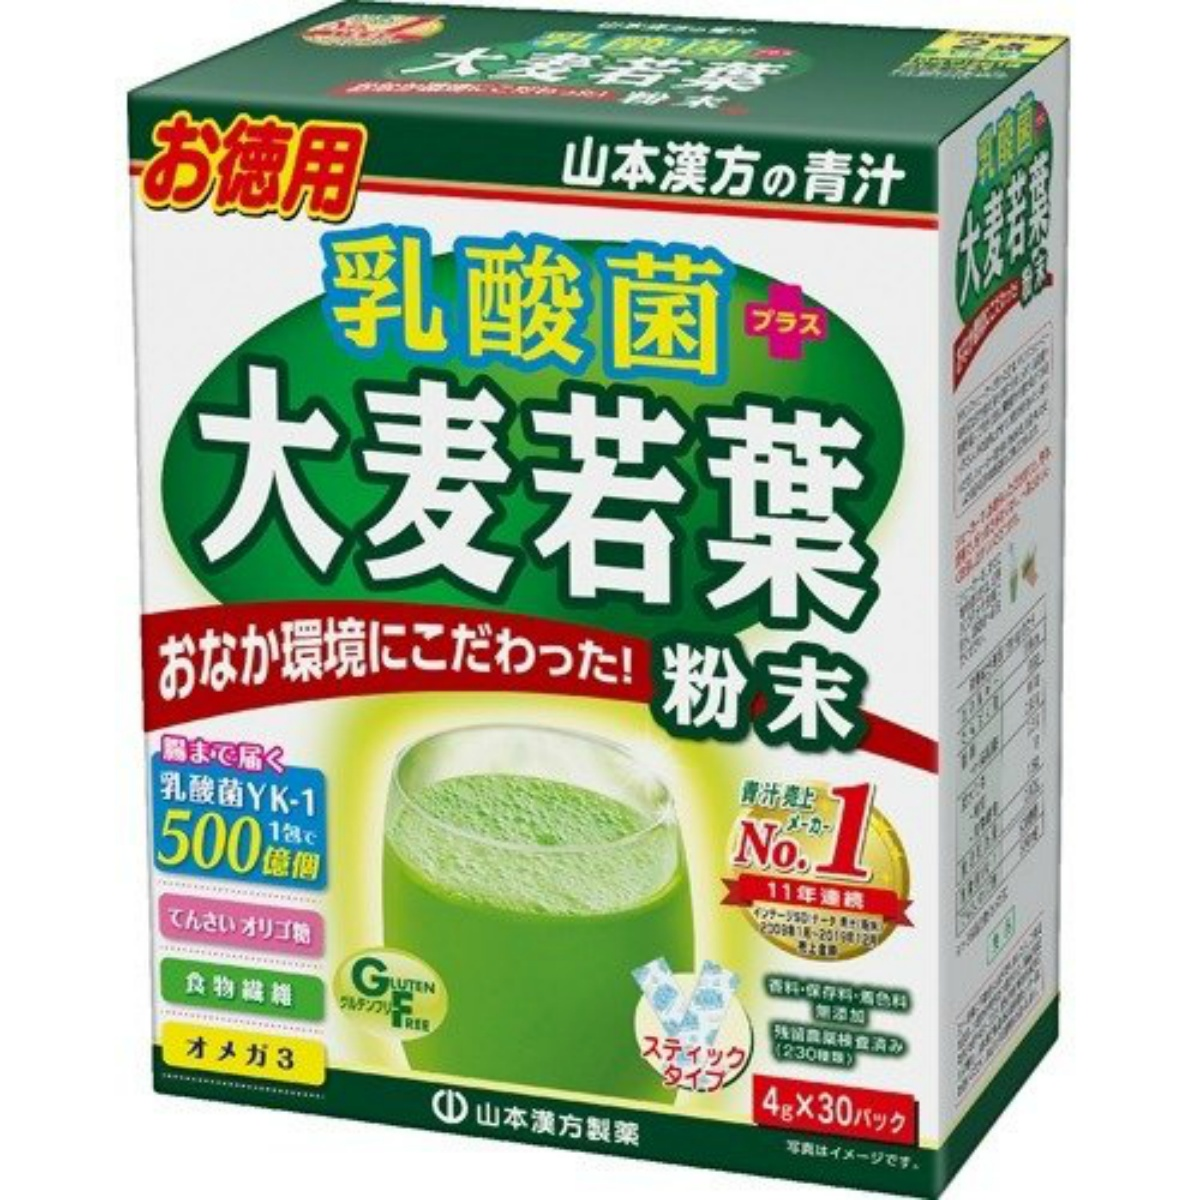 【送料無料・まとめ買い×10】山本漢方製薬 乳酸菌+大麦若葉粉末 4g×30包